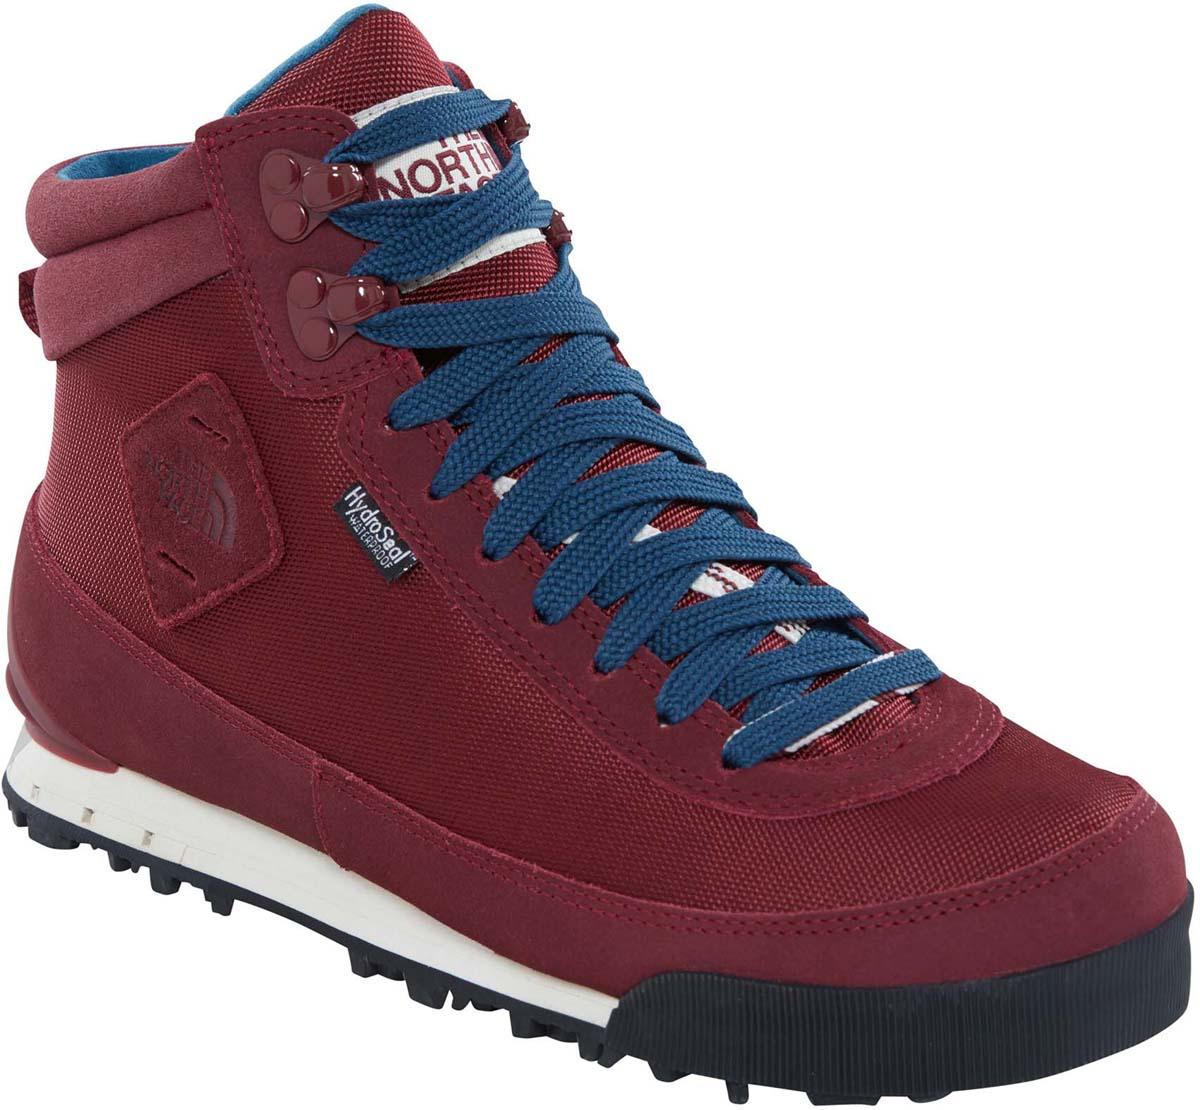 Ботинки женские The North Face Back-to-Berkeley Boot II, цвет: бордово-красный. T0A1MFVFZ. Размер 9H (40,5)T0A1MFVFZСтильные ботинки The North Face от Back-to-Berkeley Boot II - это женские ботинки с ретро-обликом, но современной функциональной конструкцией. Верх выполнен из нейлона-рипстопа и мембраны HydroSeal, обеспечивающей полноценную защиту от влаги. Окантовка из натуральной замши по периметру защищает внешнюю ткань от истирания, а глухой язык препятствует попаданию внутрь камней, воды и пыли. Шнуровка надежно фиксирует модель на ноге. Подошва TNF Winter Grip с технологией Ice Pick обеспечивает наилучшее сцепление с поверхностью. Утеплитель Primaloft Eco сохранит ноги в тепле в самые сильные холода. Антибактериальная стелька Ortholine из EVA с текстильной поверхностью комфортна при ходьбе. Текстильный ярлычок на заднике обеспечивает удобное обувание модели. Язычок и боковая сторона модели оформлена фирменной нашивкой. Ботинки Womens Back-to-Berkeley Boot II - отличный выбор стильной и технологичной зимней обуви.